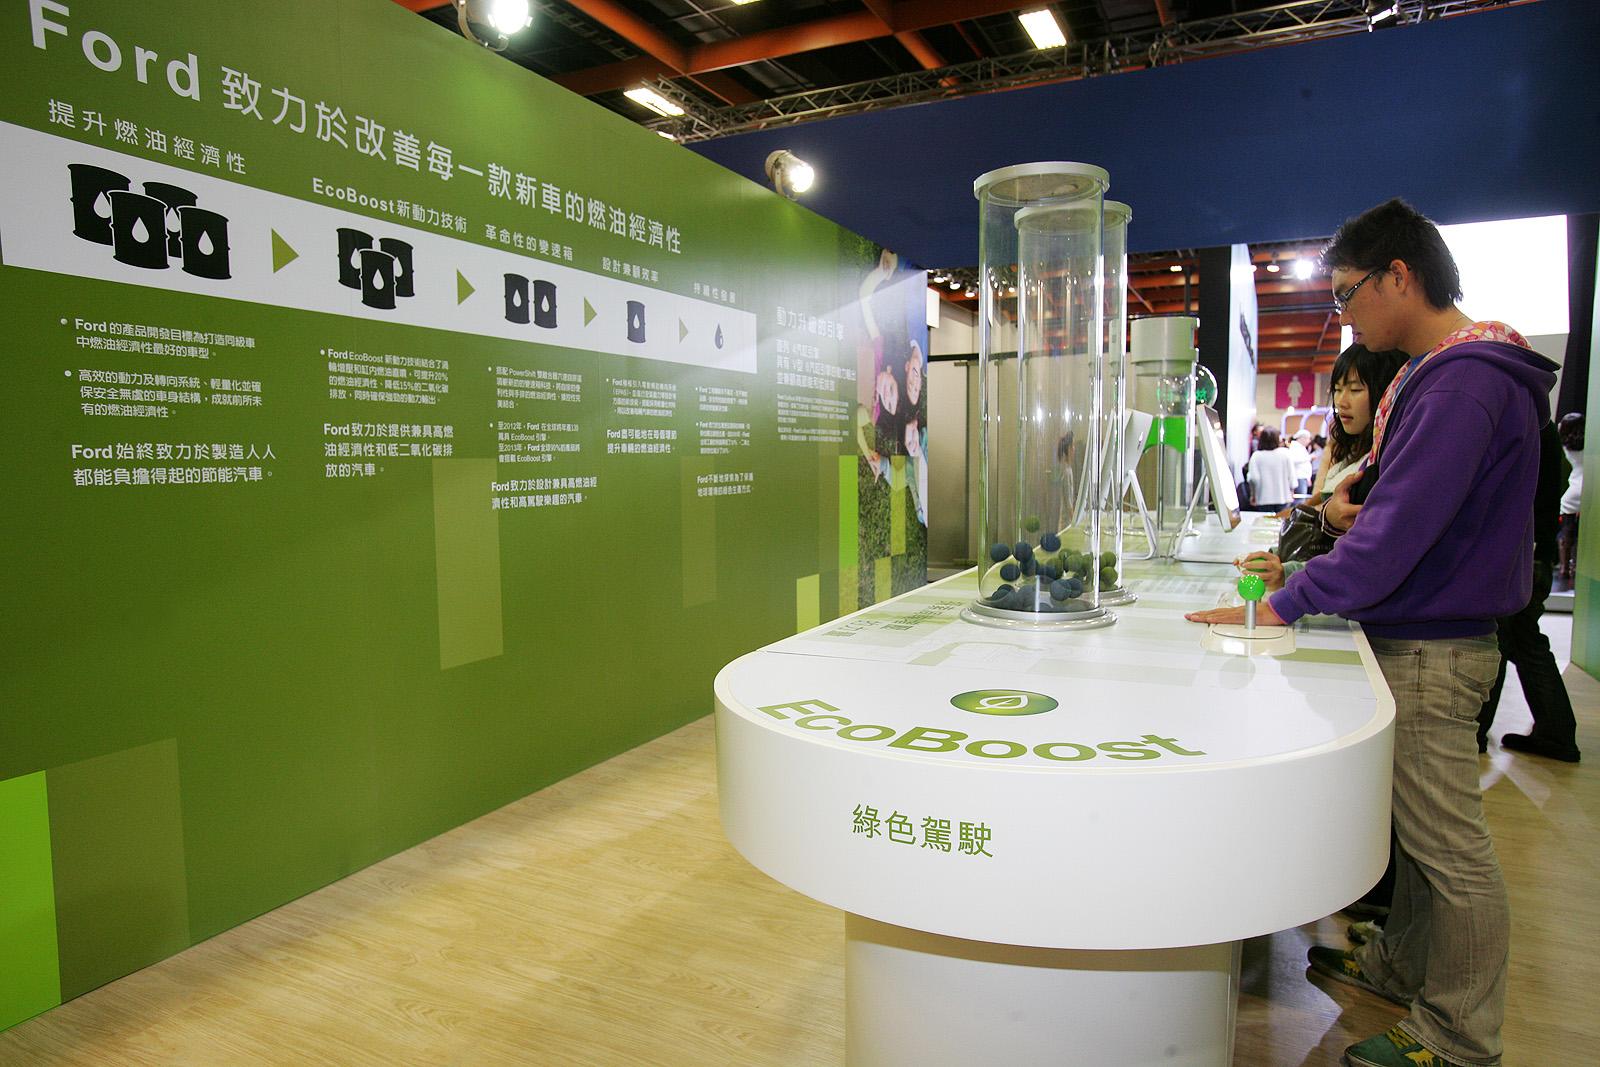 福特六和展區中的「EcoBoost科技互動展示台」,透過有趣好玩的互動器具,以及深入淺出的說明方式,介紹EcoBoost動力科技的設計理念...